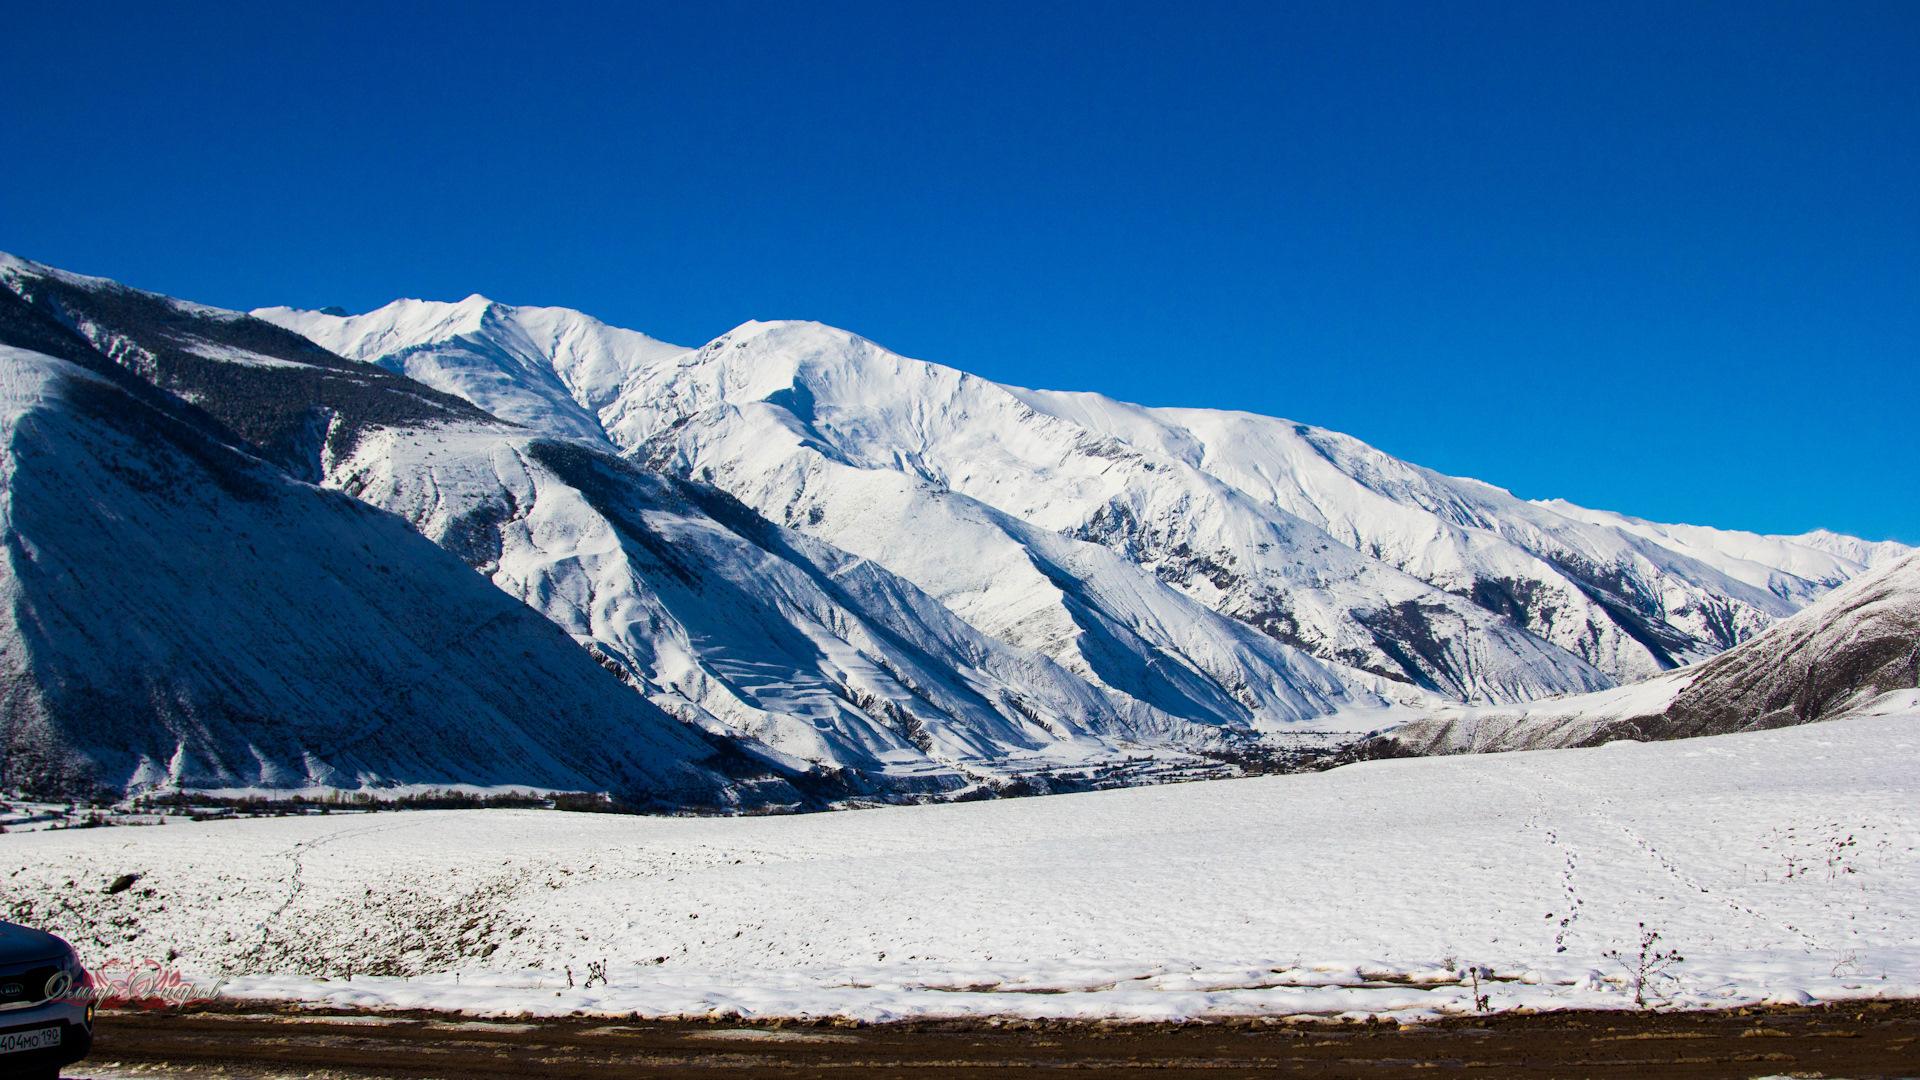 О правилах безопасного поведения в горах